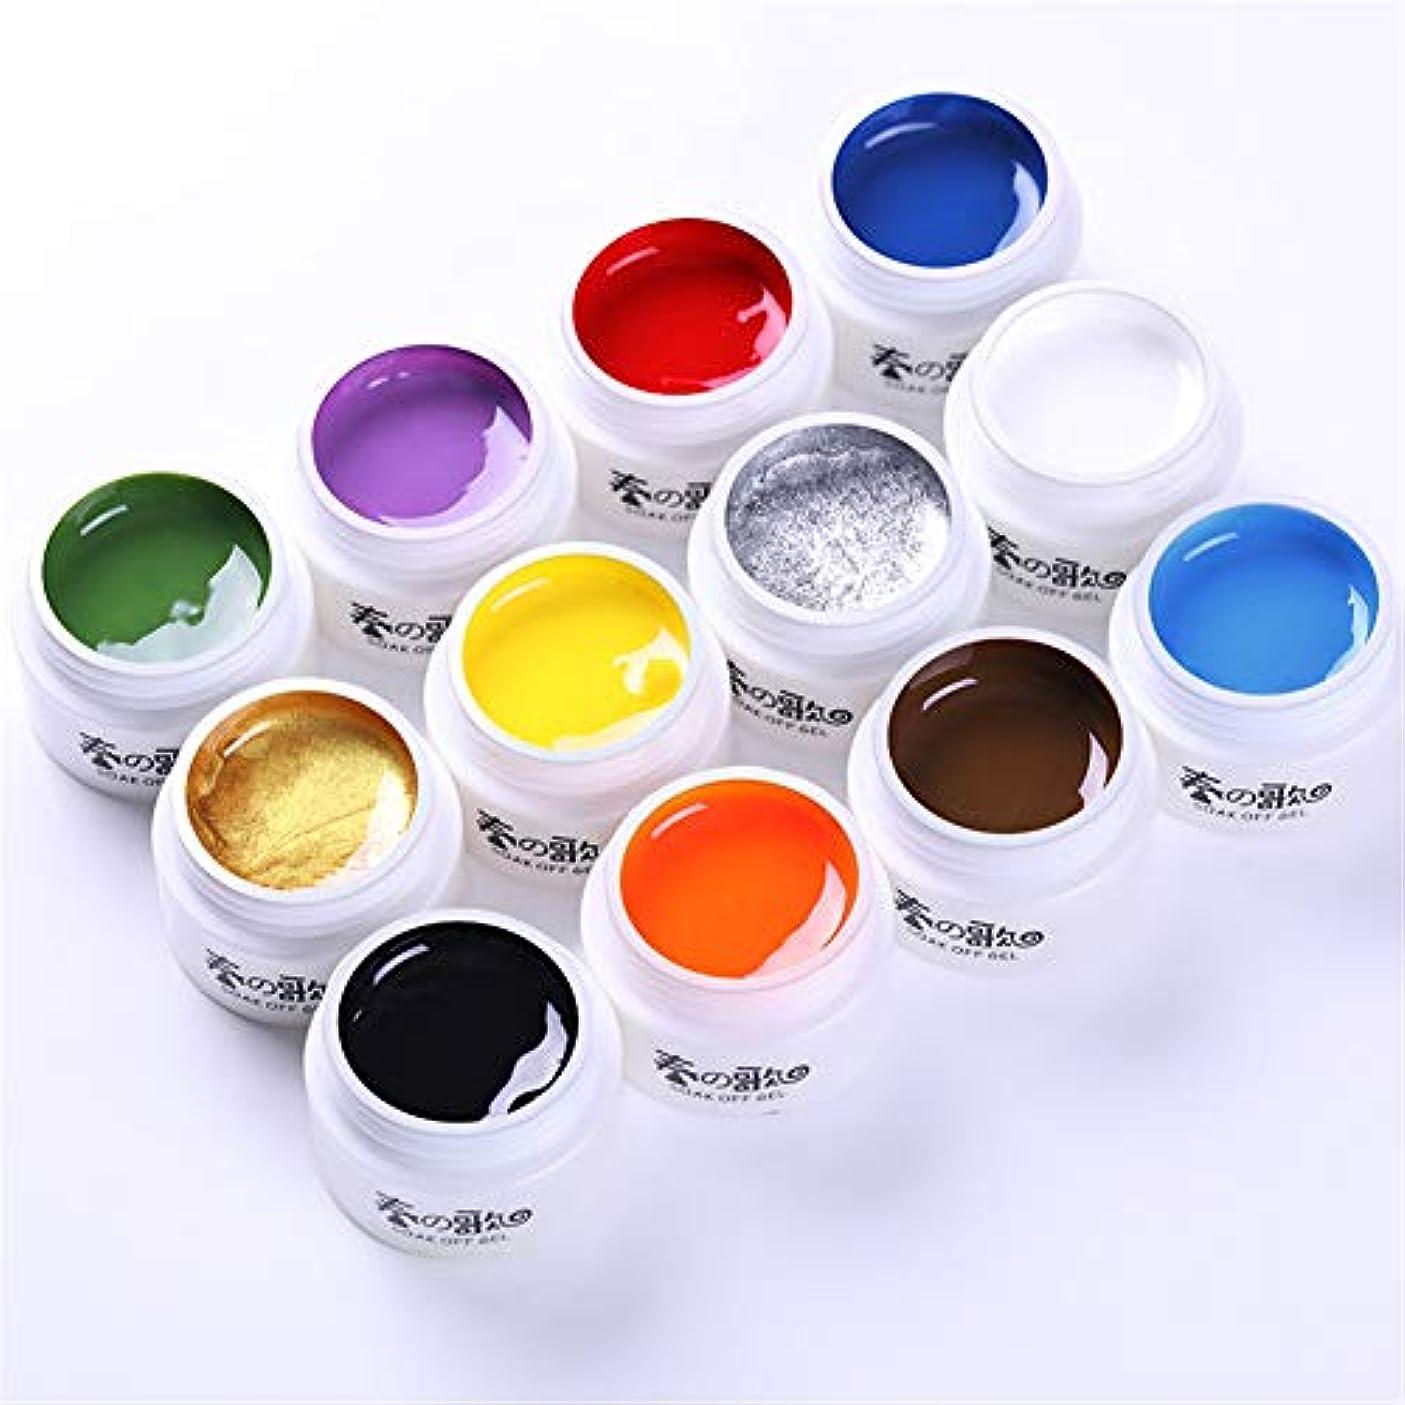 ペチュランスブリーフケース薬用春の歌 アート専用のカラージェル ライナージェル ものすごく色が濃いカラージェル ラインを引くためのジェル、アクリル絵の具よりも柔らかく使いやすいジェル LED/UV両方対応 [並行輸入品]